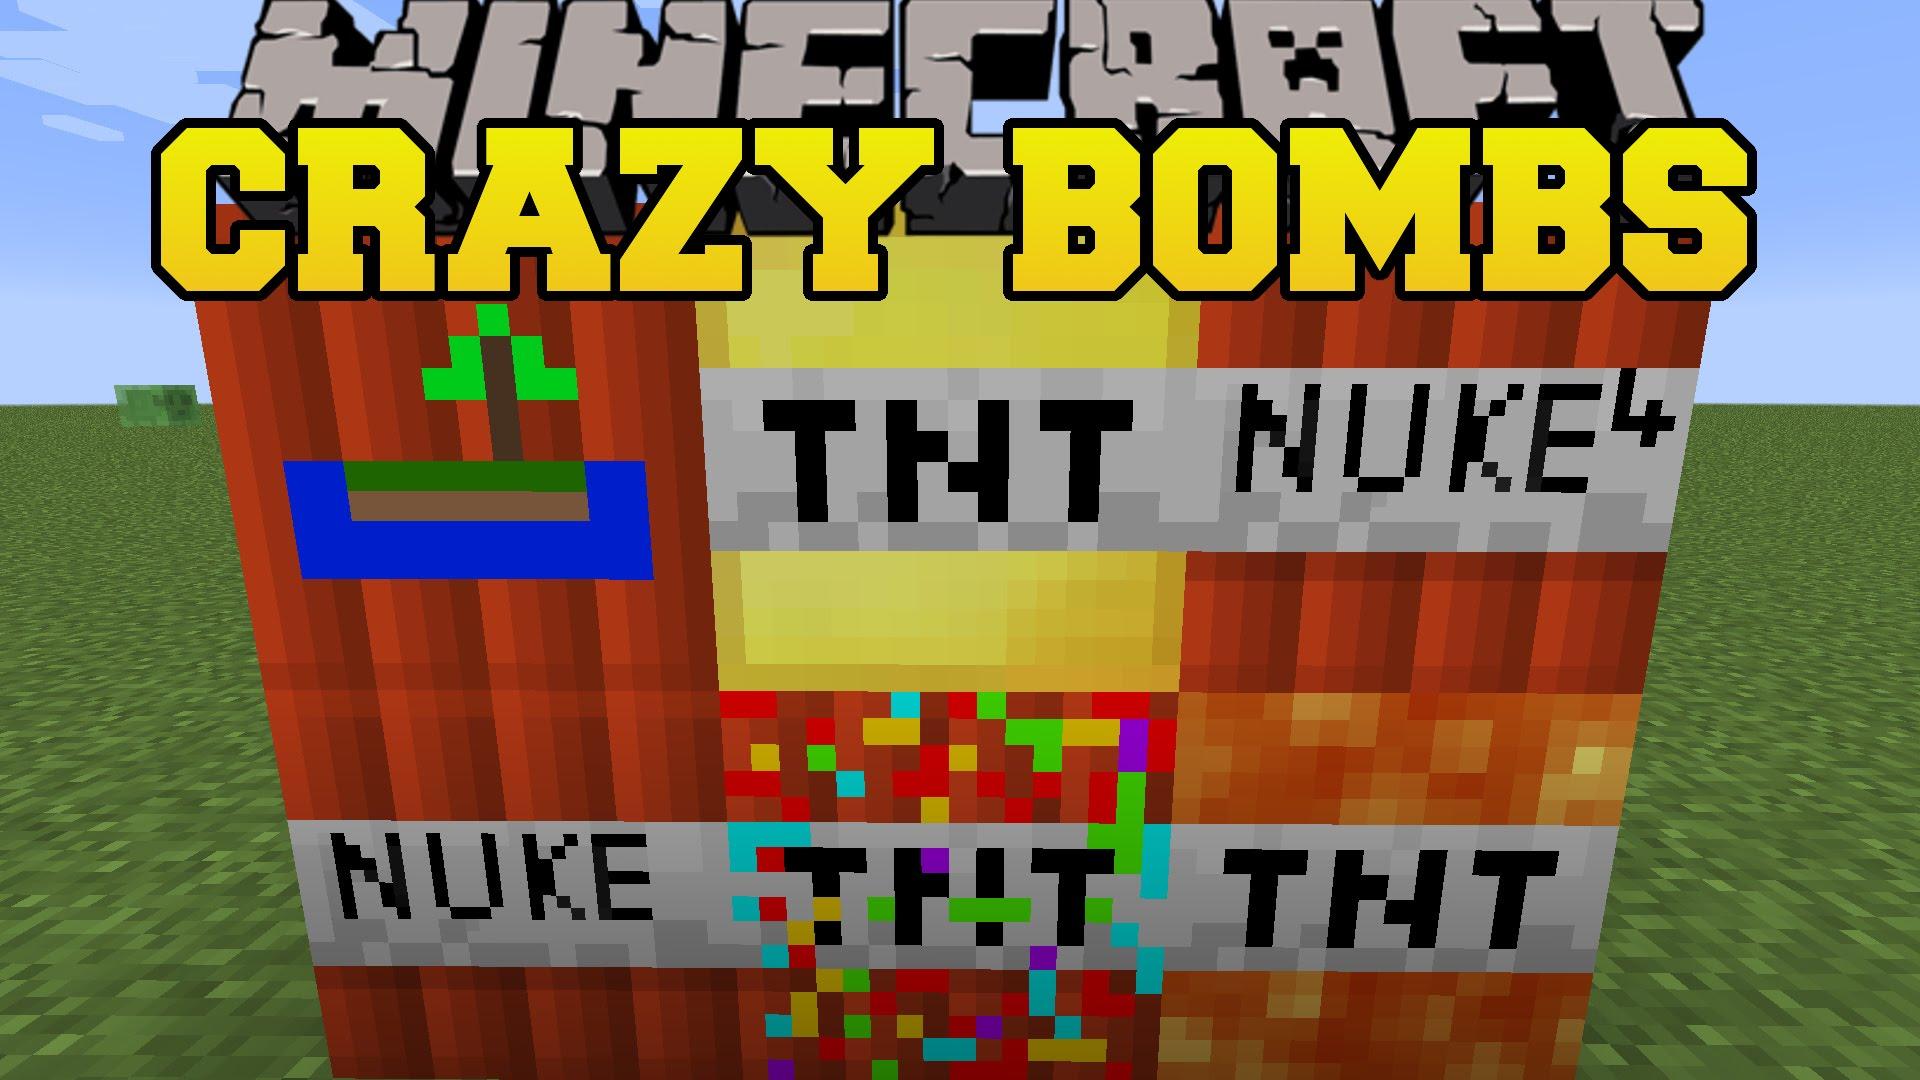 Мод на взрывчатку - Crazy Bomb для Minecraft 1.8.9